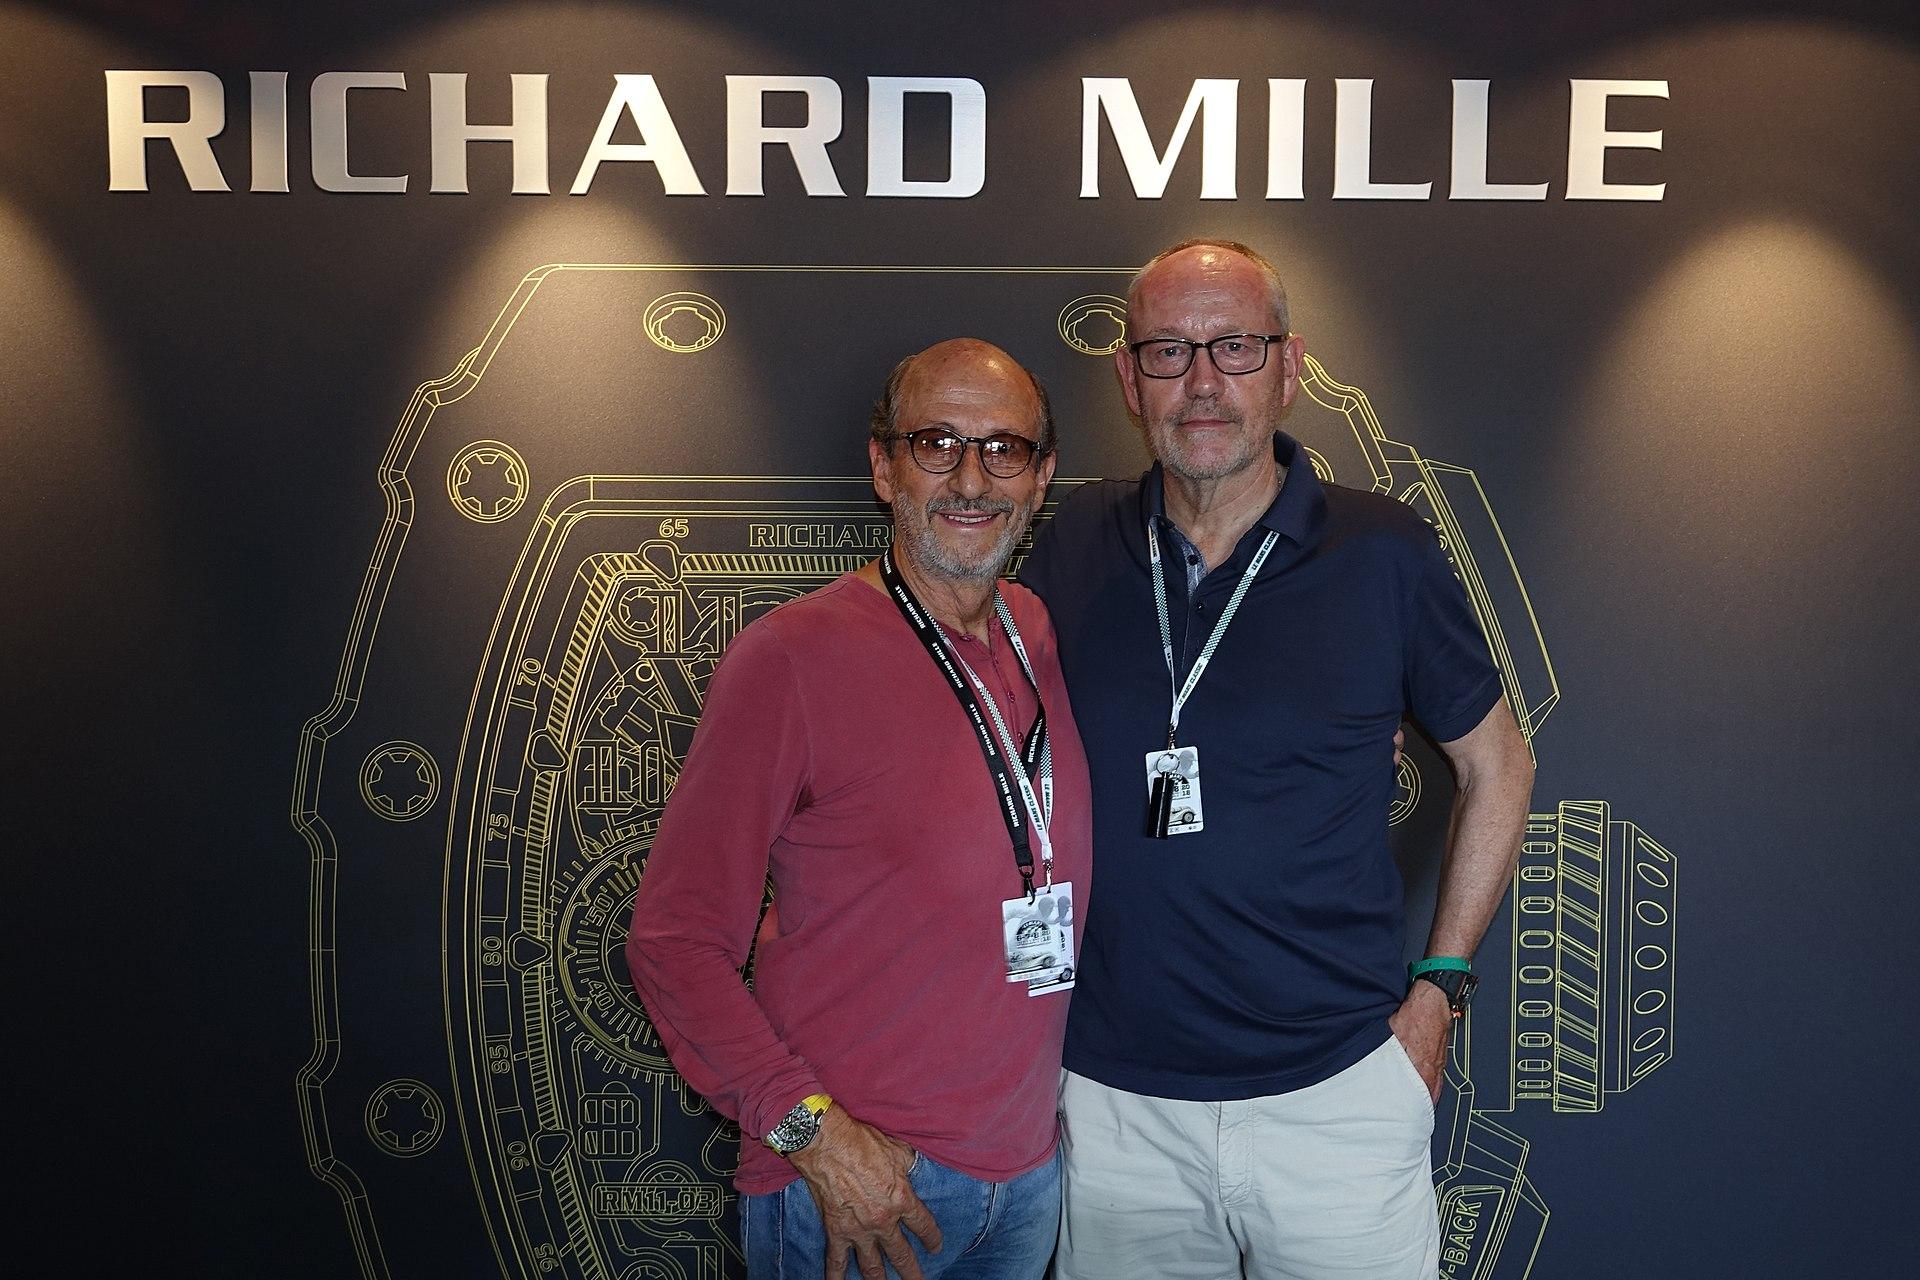 Lịch sử Richard Mille: Hai nhà sáng lập thương hiệu, Richard Mille và Dominique Guenat.